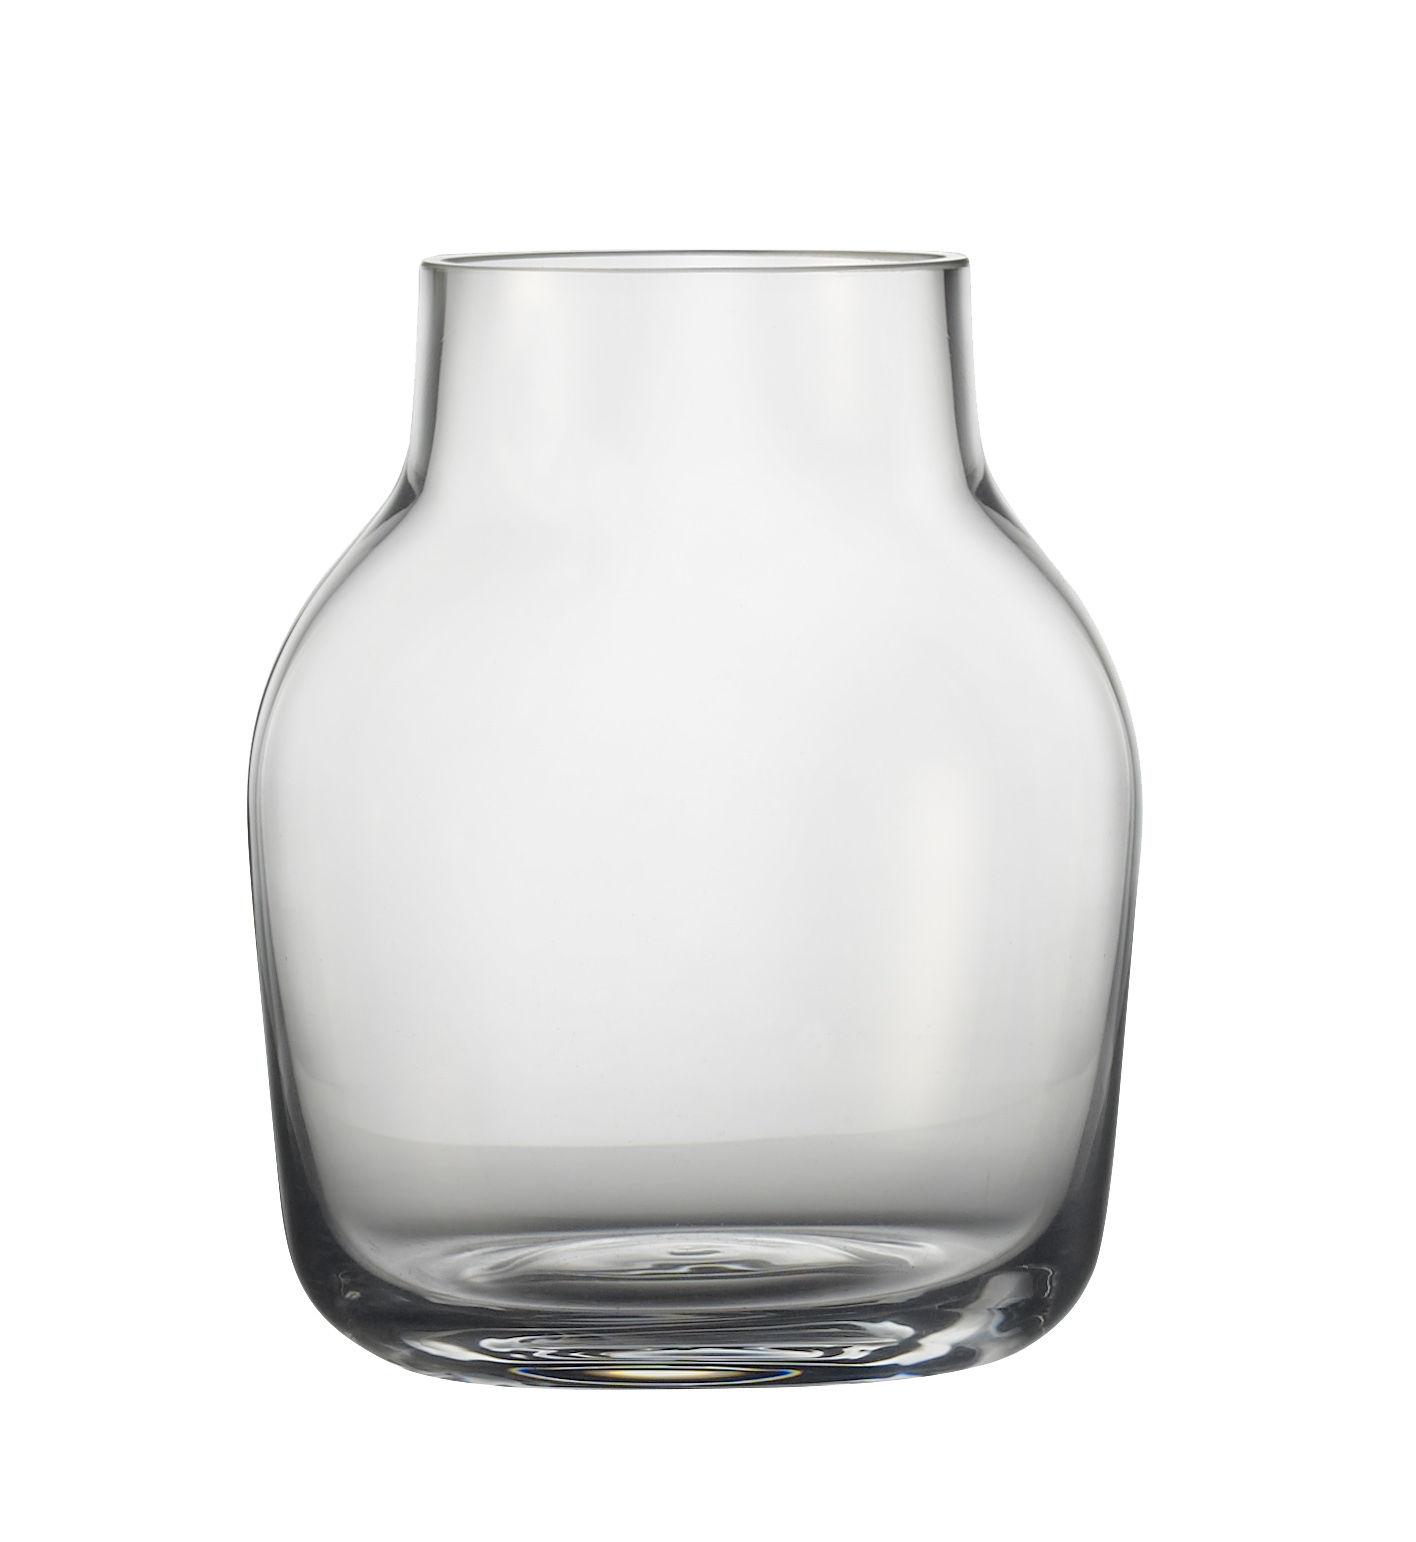 Dekoration - Vasen - Silent Vase / Ø 11 cm - Muuto - Transparent - geblasenes Glas